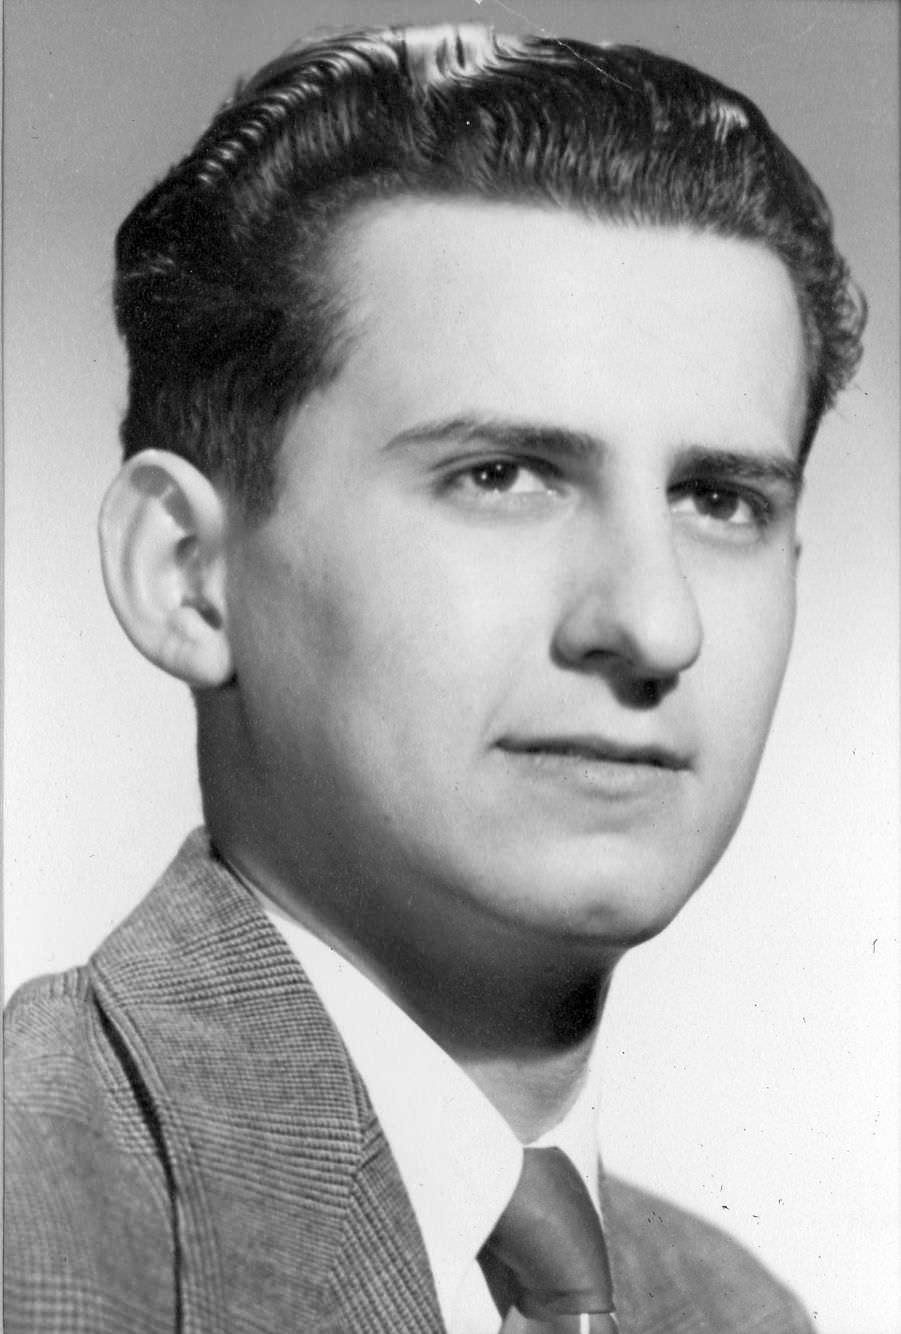 Edward A. Ogborne